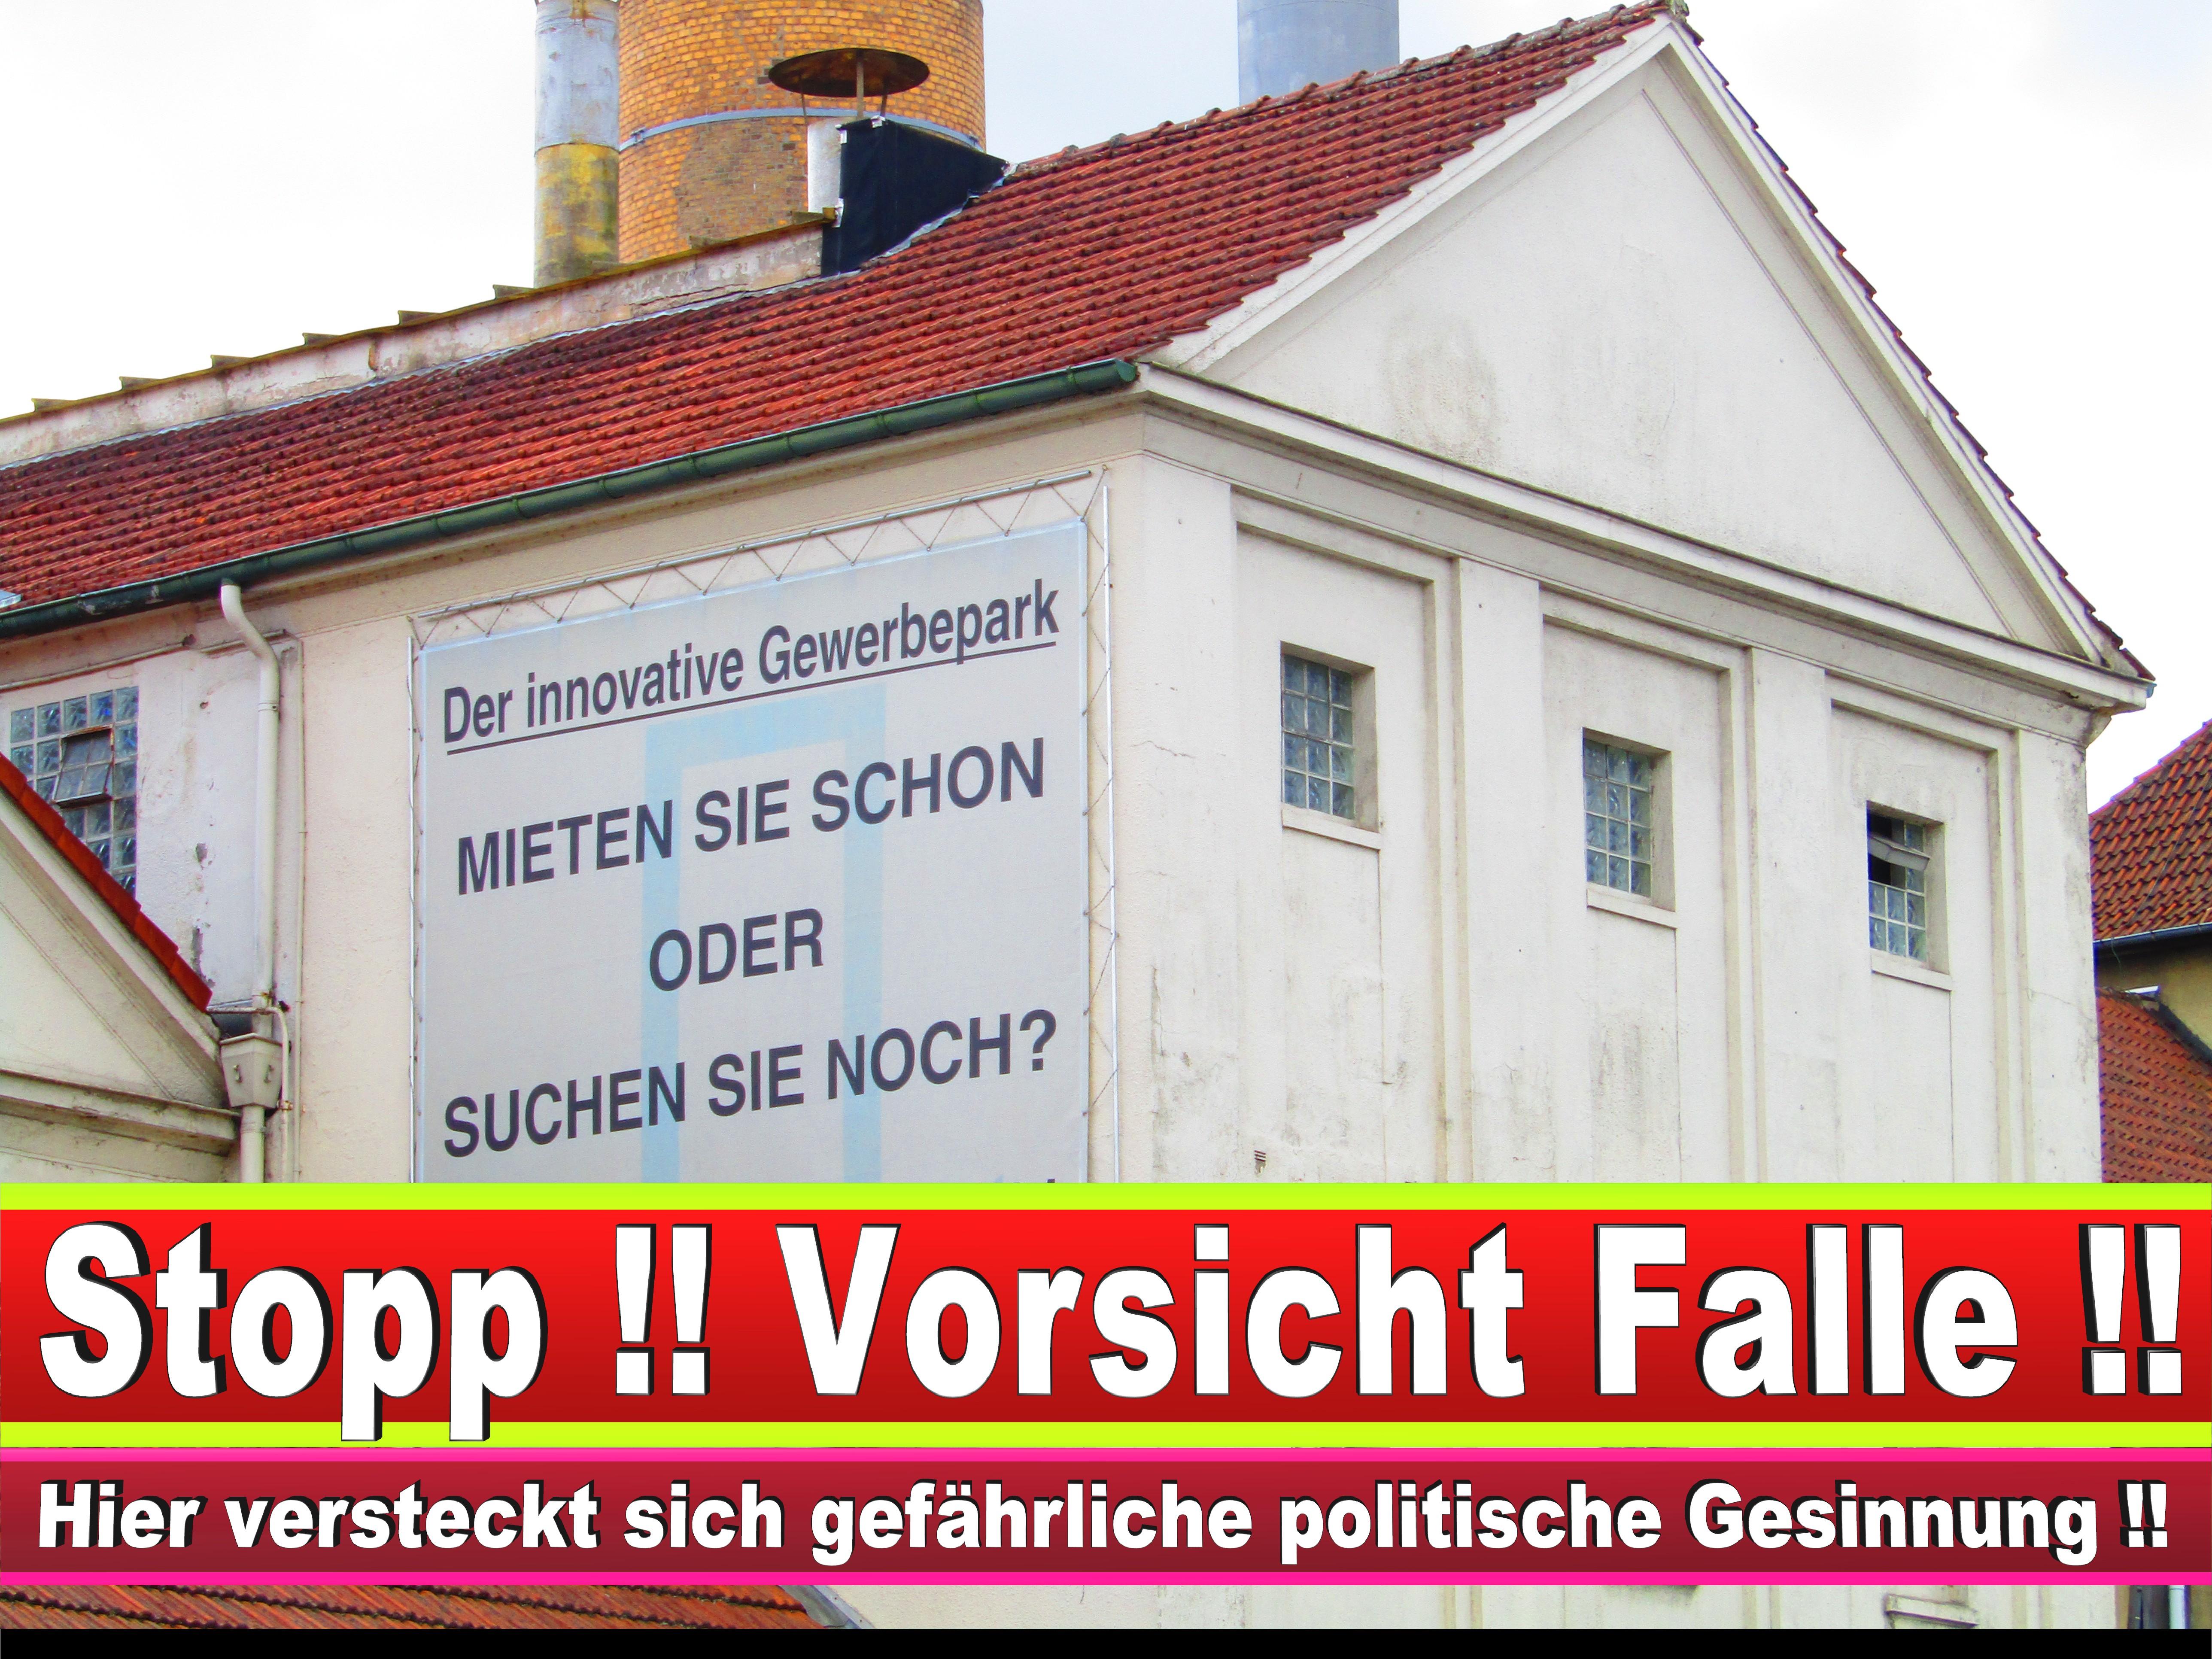 RESTPOSTEN & LICHT Martina Sonnenberg Dalbkeweg 43 Bielefeld